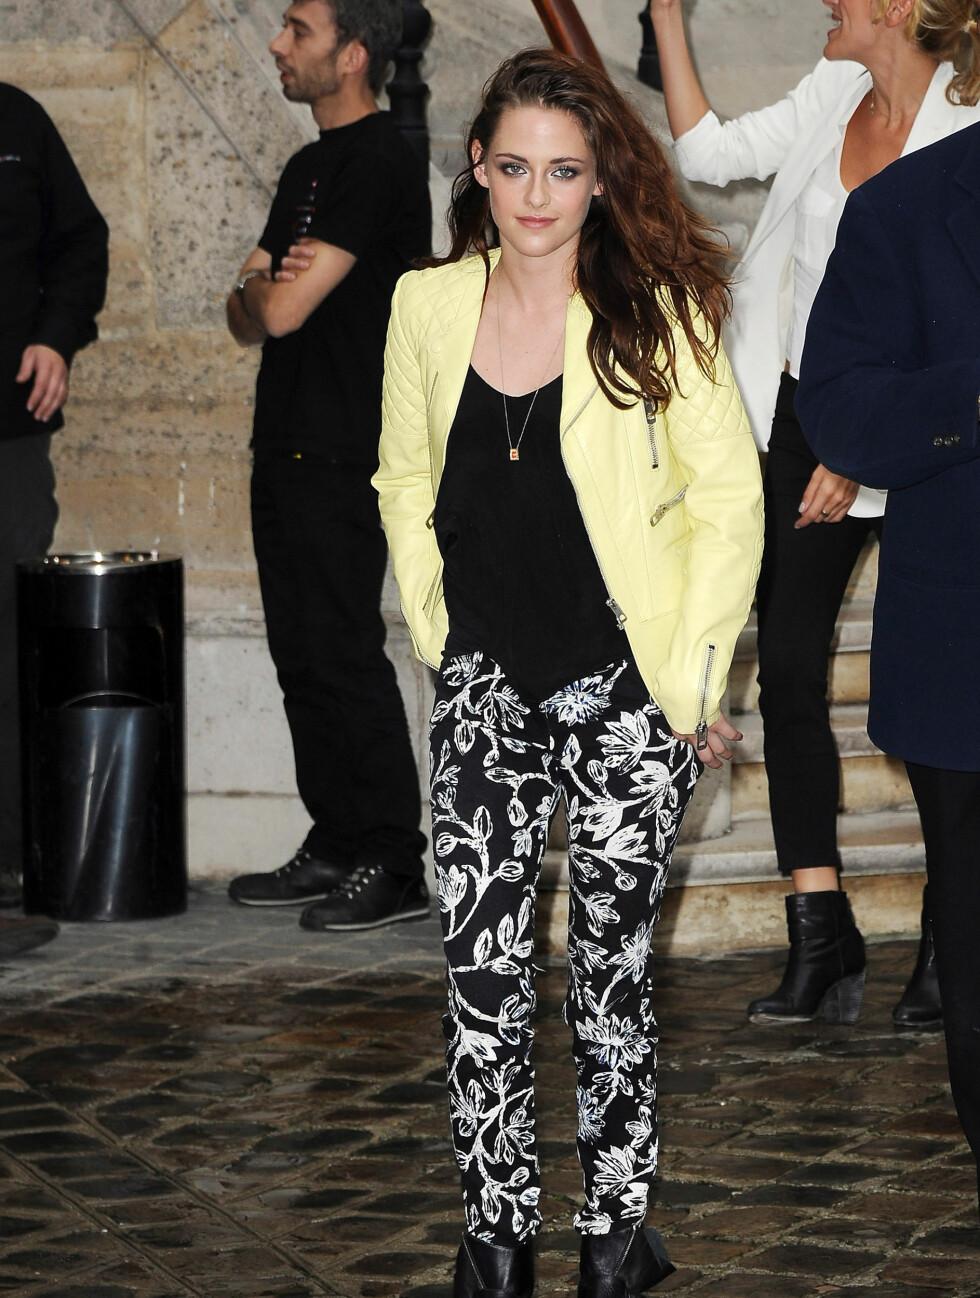 FØR: Kristen Stewart på Paris Fashion Week i september.  Foto: All Over Press